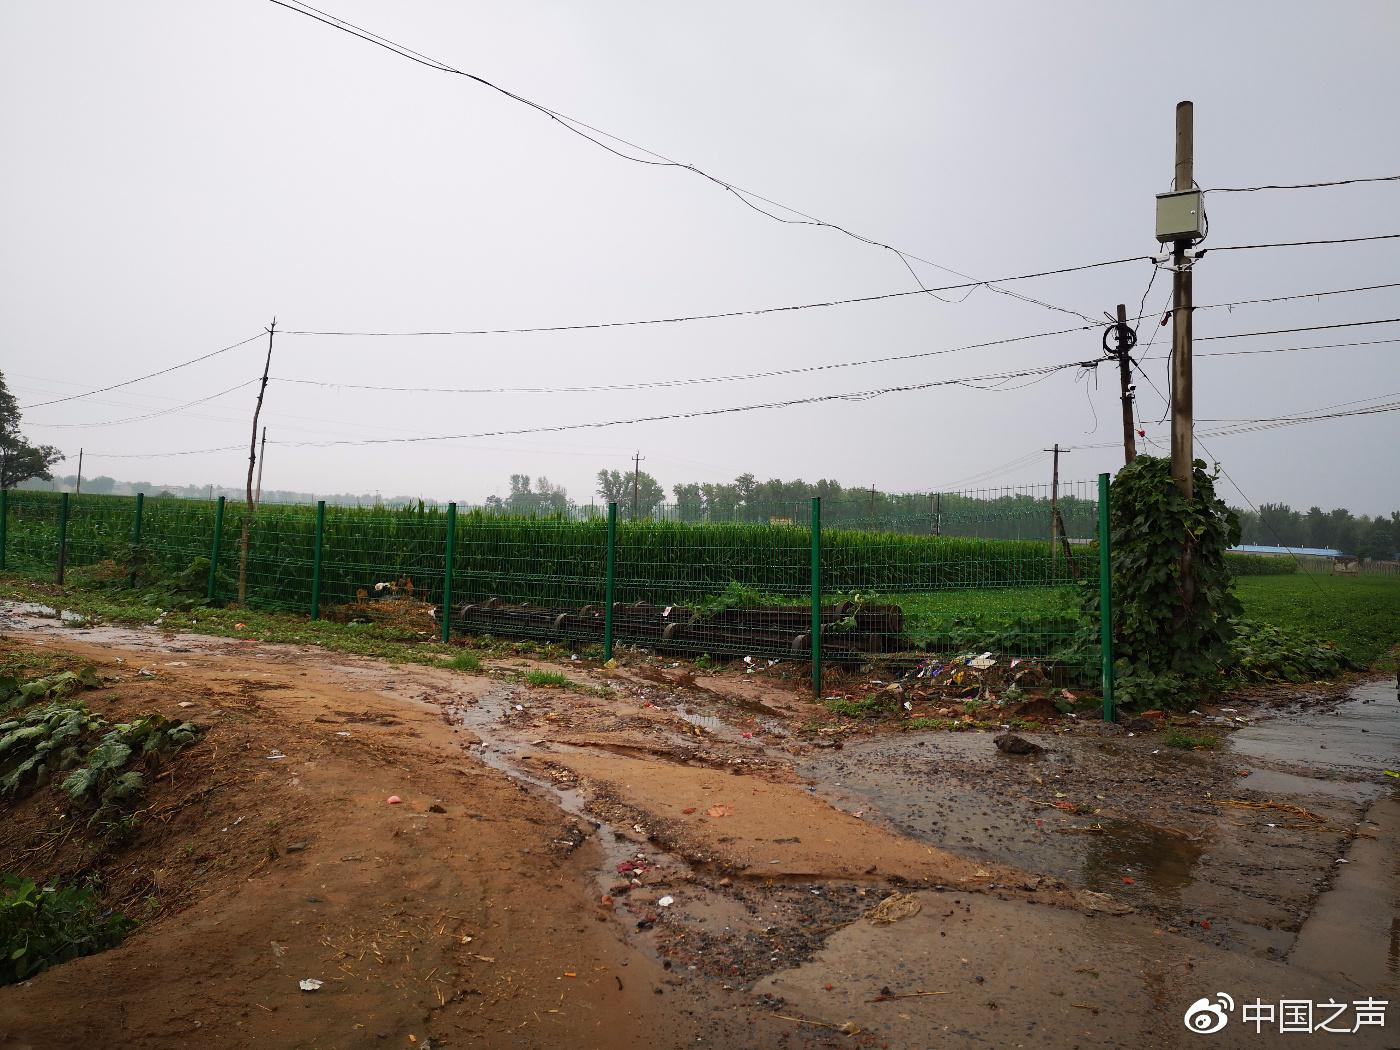 涉案土地被政府背景的文森公司用围栏圈了起来